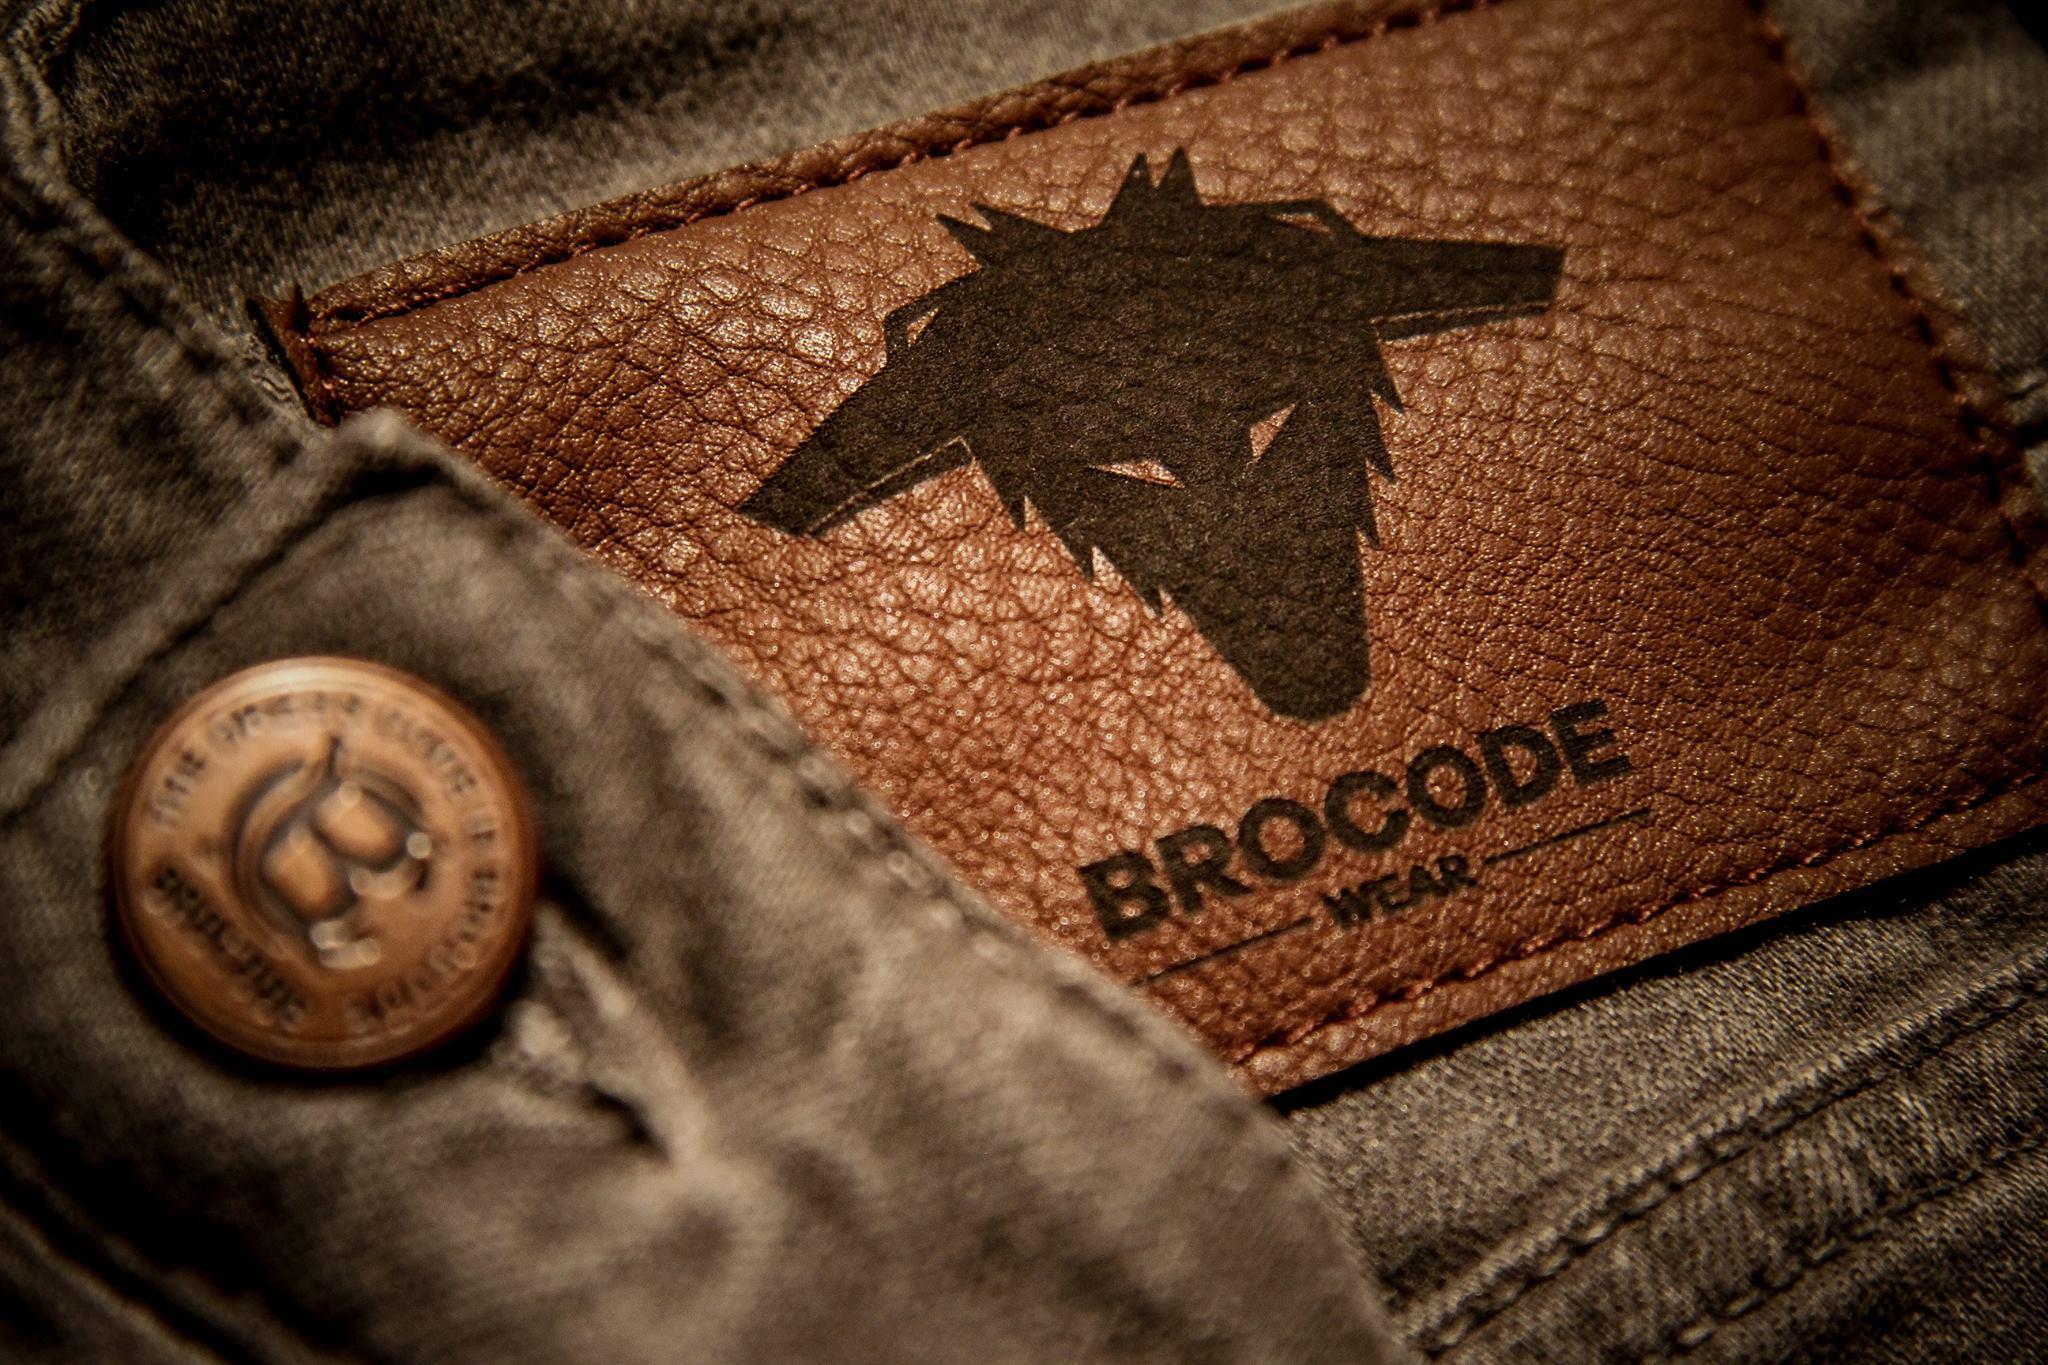 marque-jean-street-wear-sofia-bulgarie-brocode